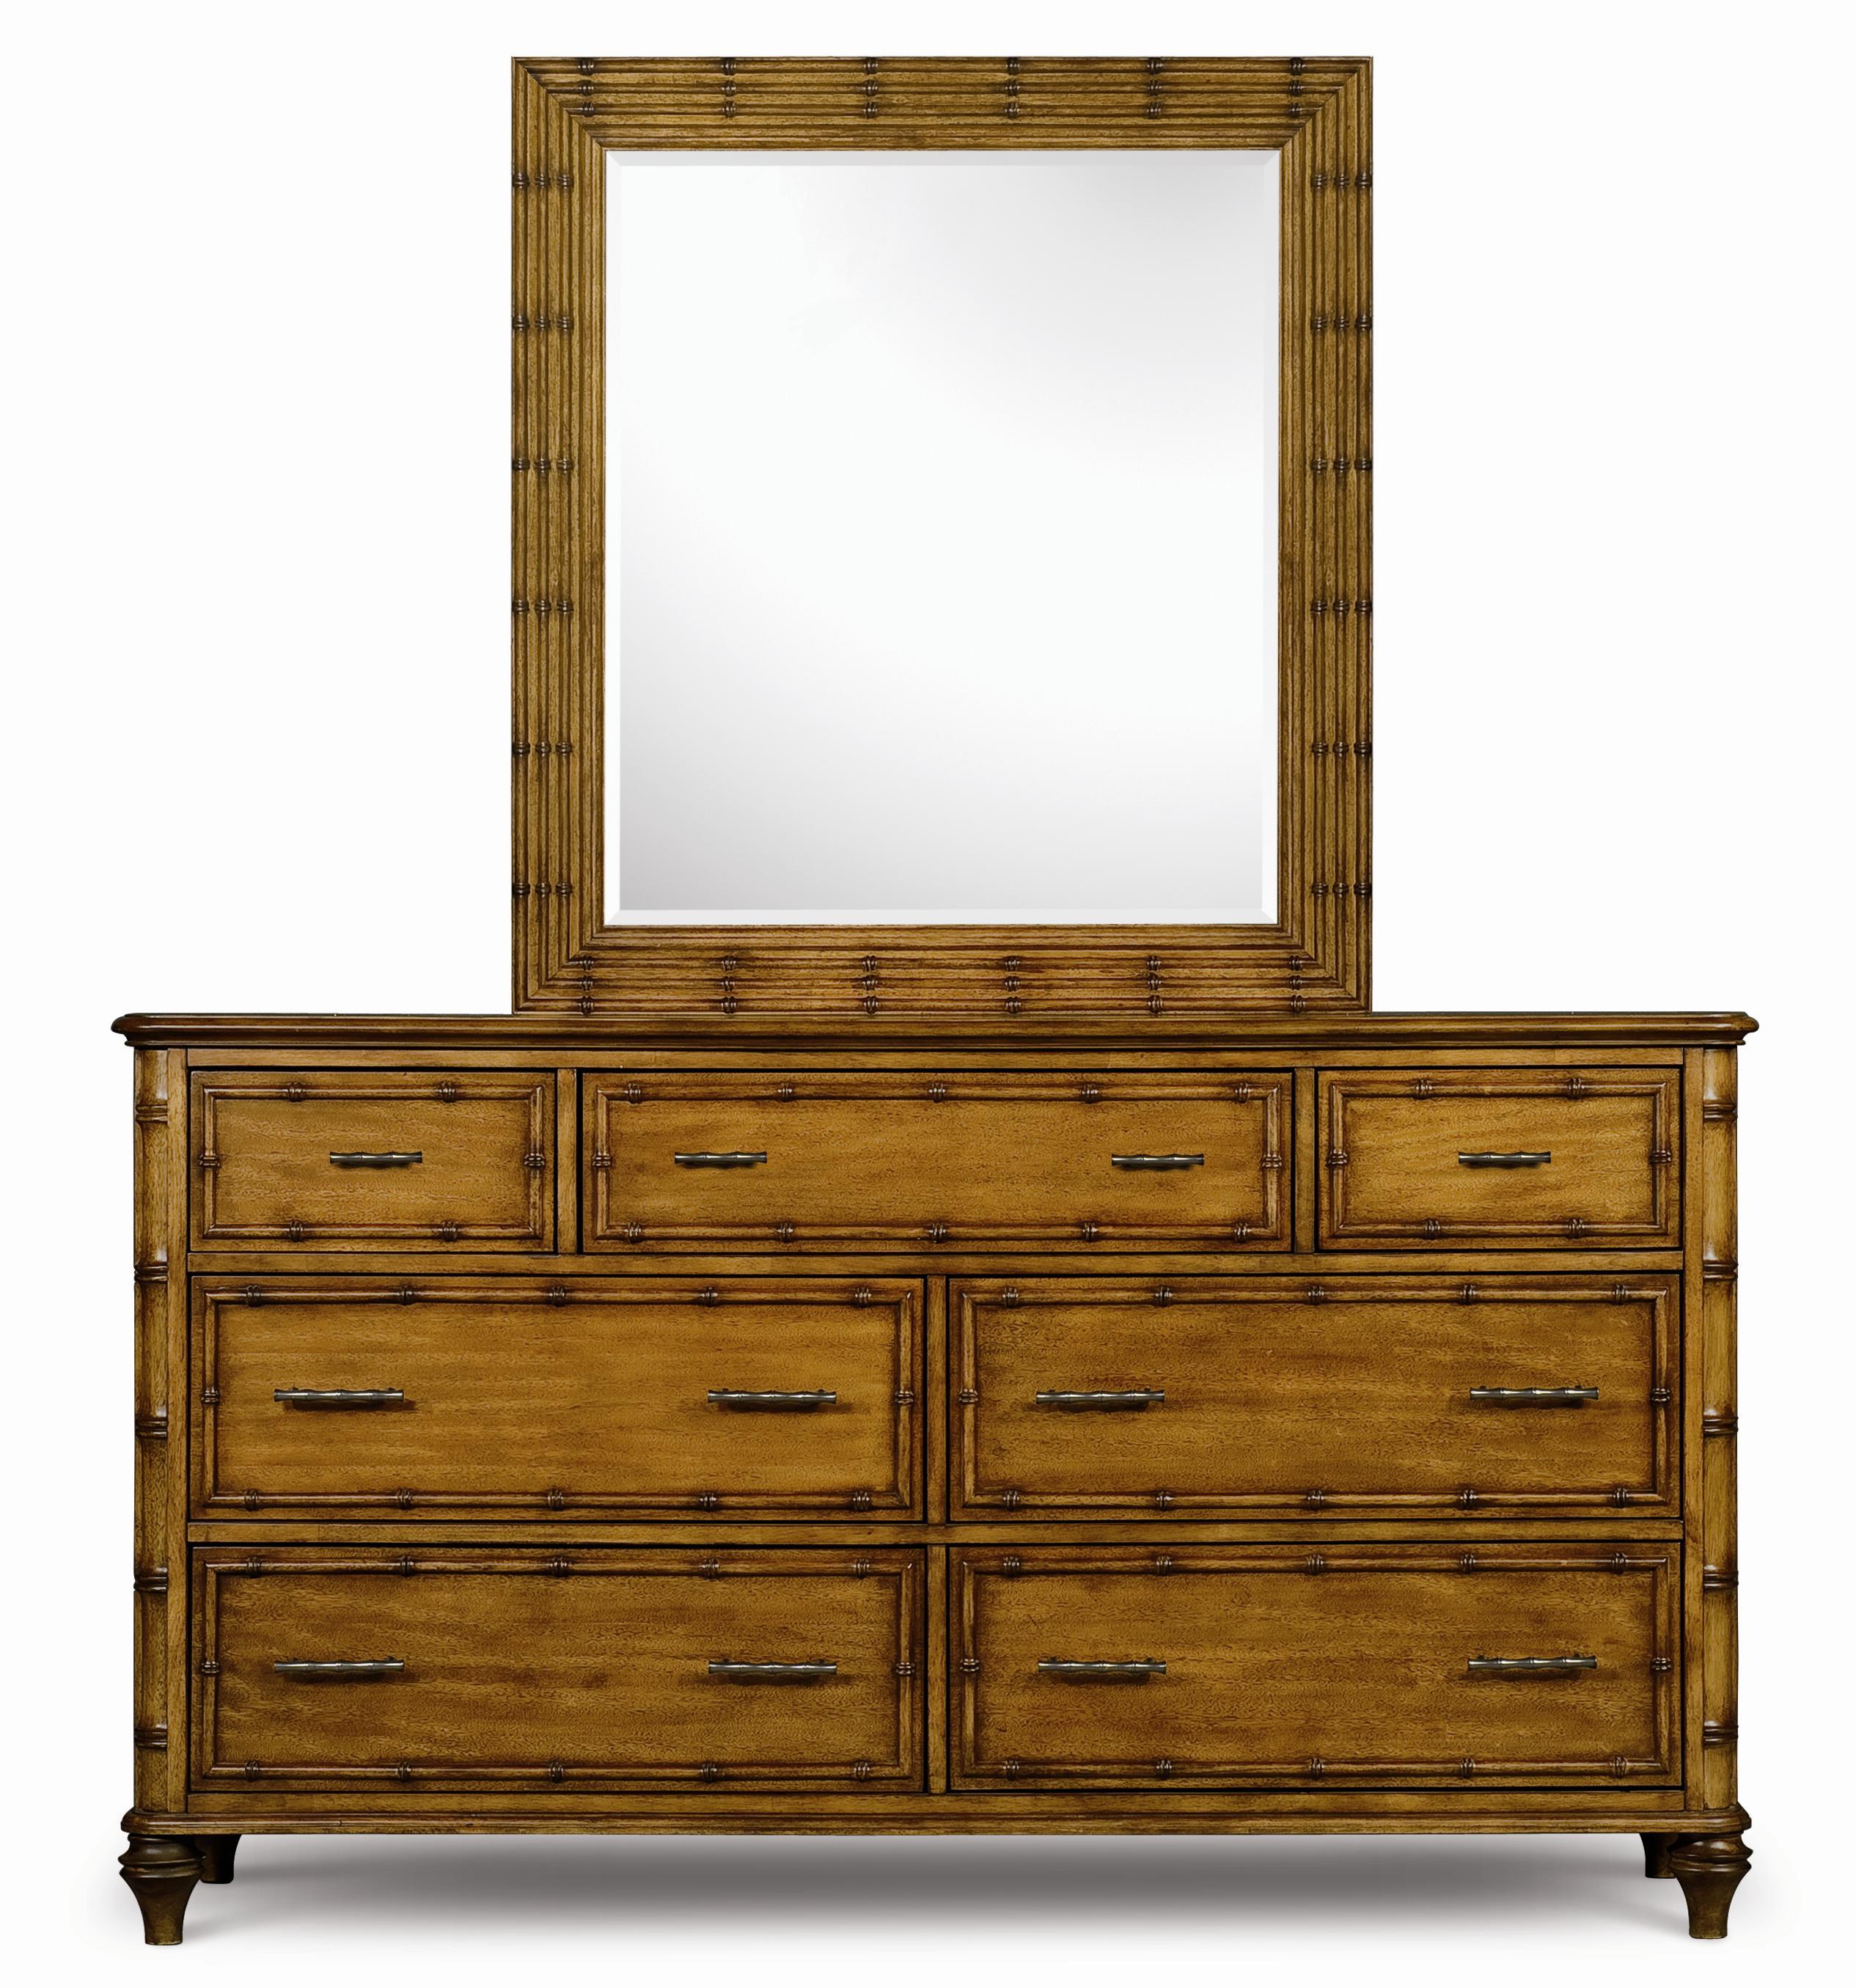 Magnussen Home Palm Bay Drawer Dresser & Landscape Mirror - Item Number: B1469-20+40